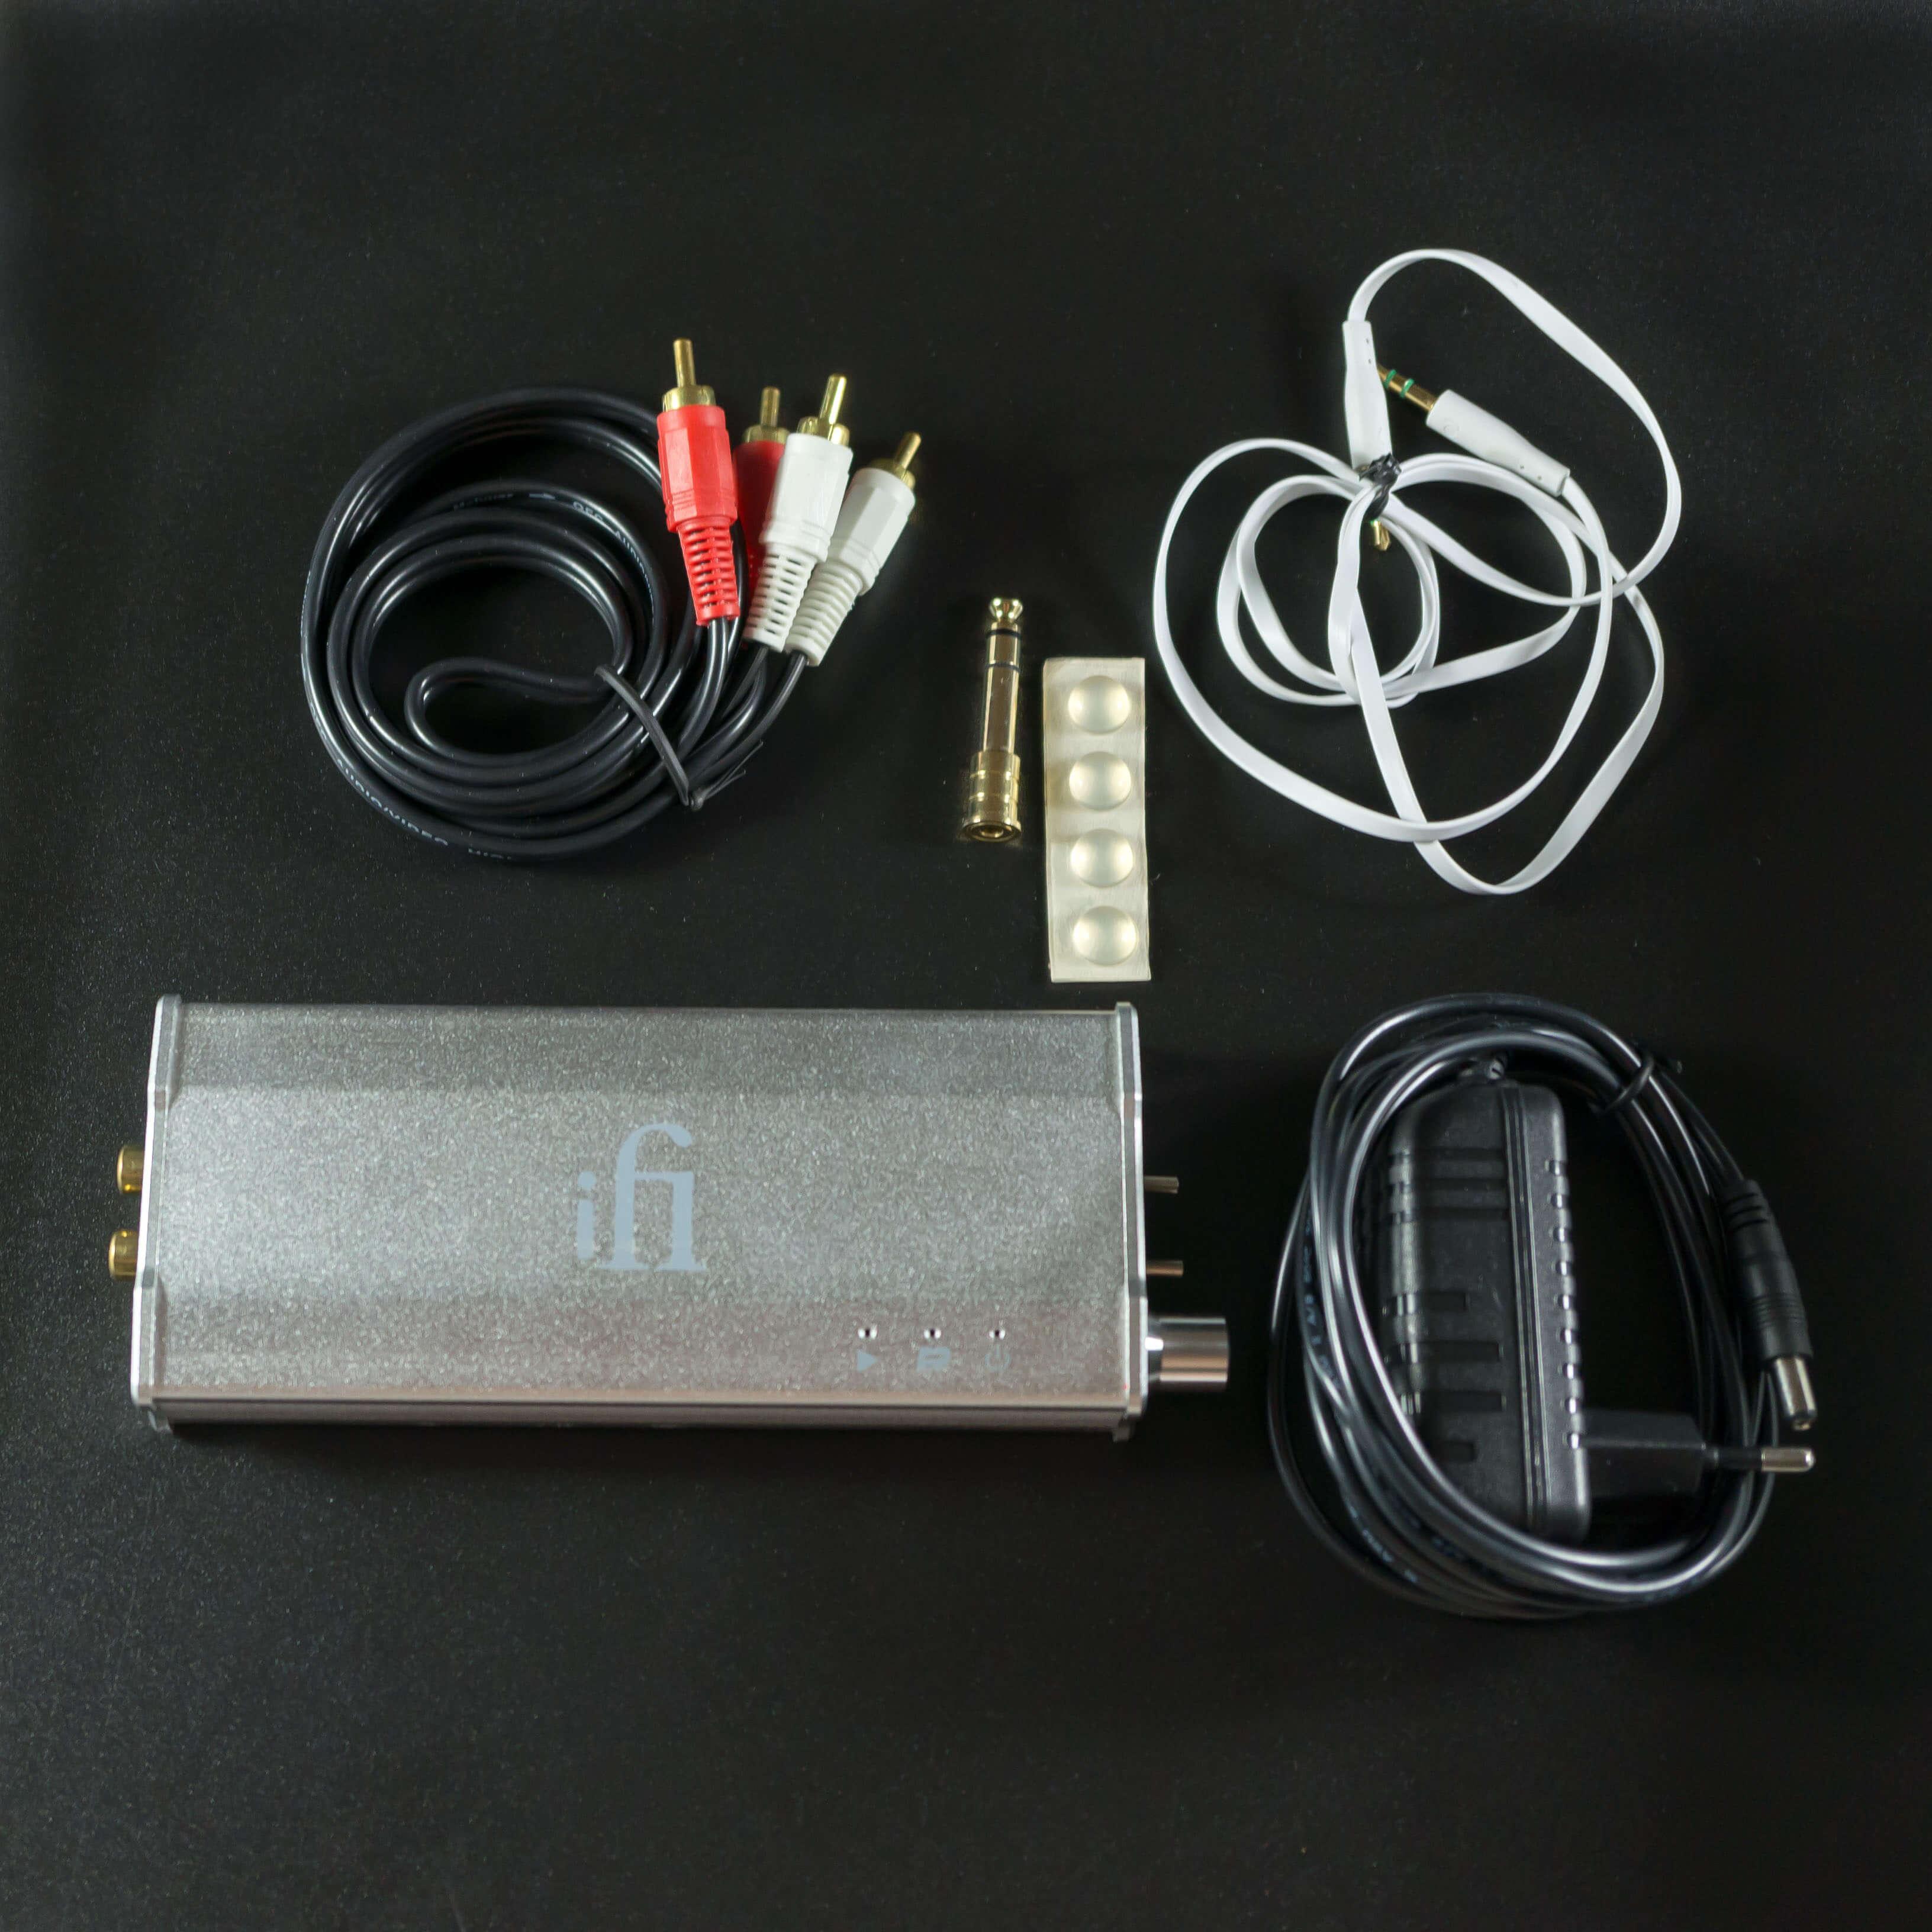 Комплект поставки iCAN